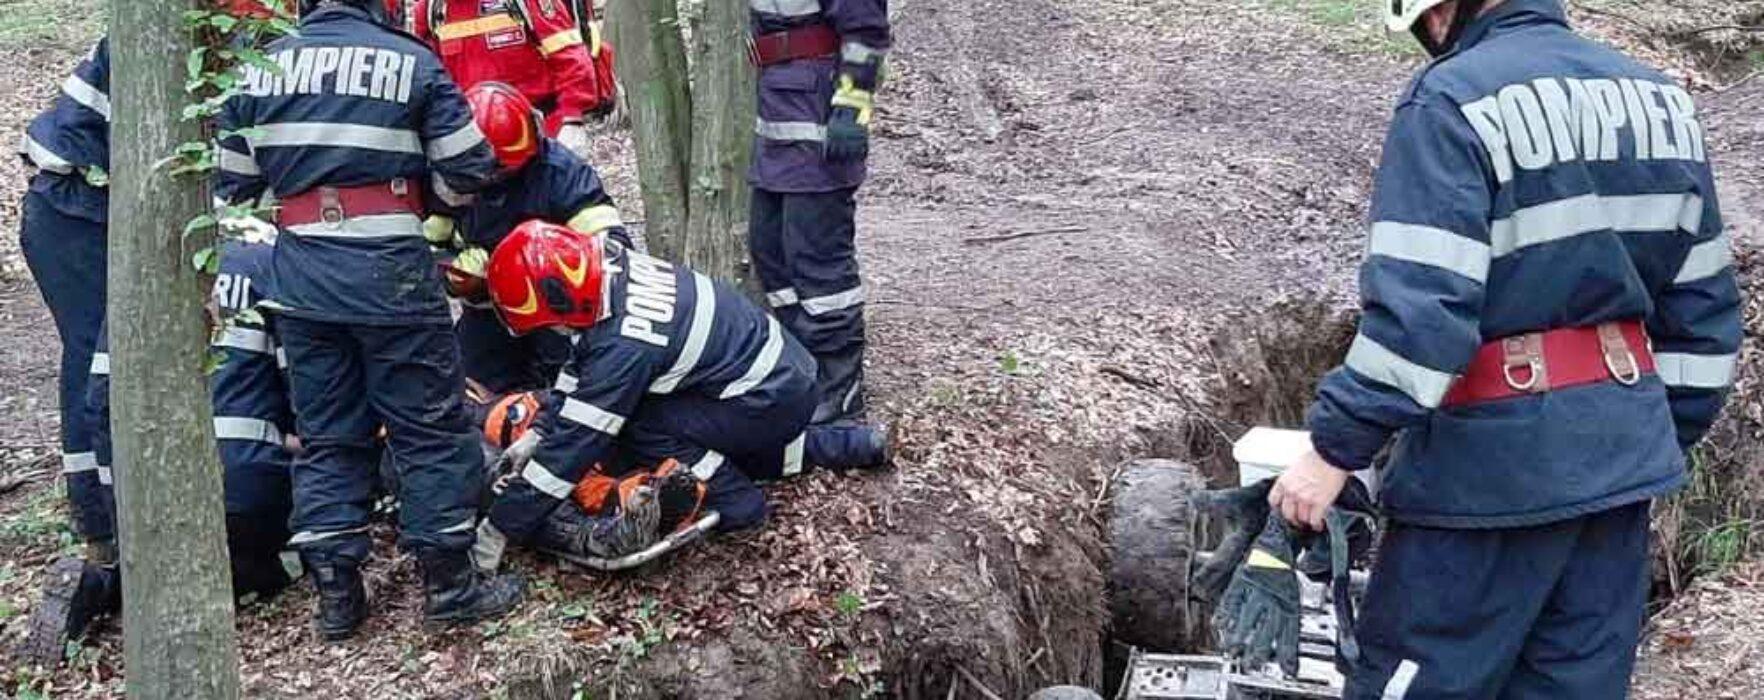 Dâmboviţa: Bărbat prins sub ATV-ul pe care îl conducea, transportat cu un elicopter SMURD la spital